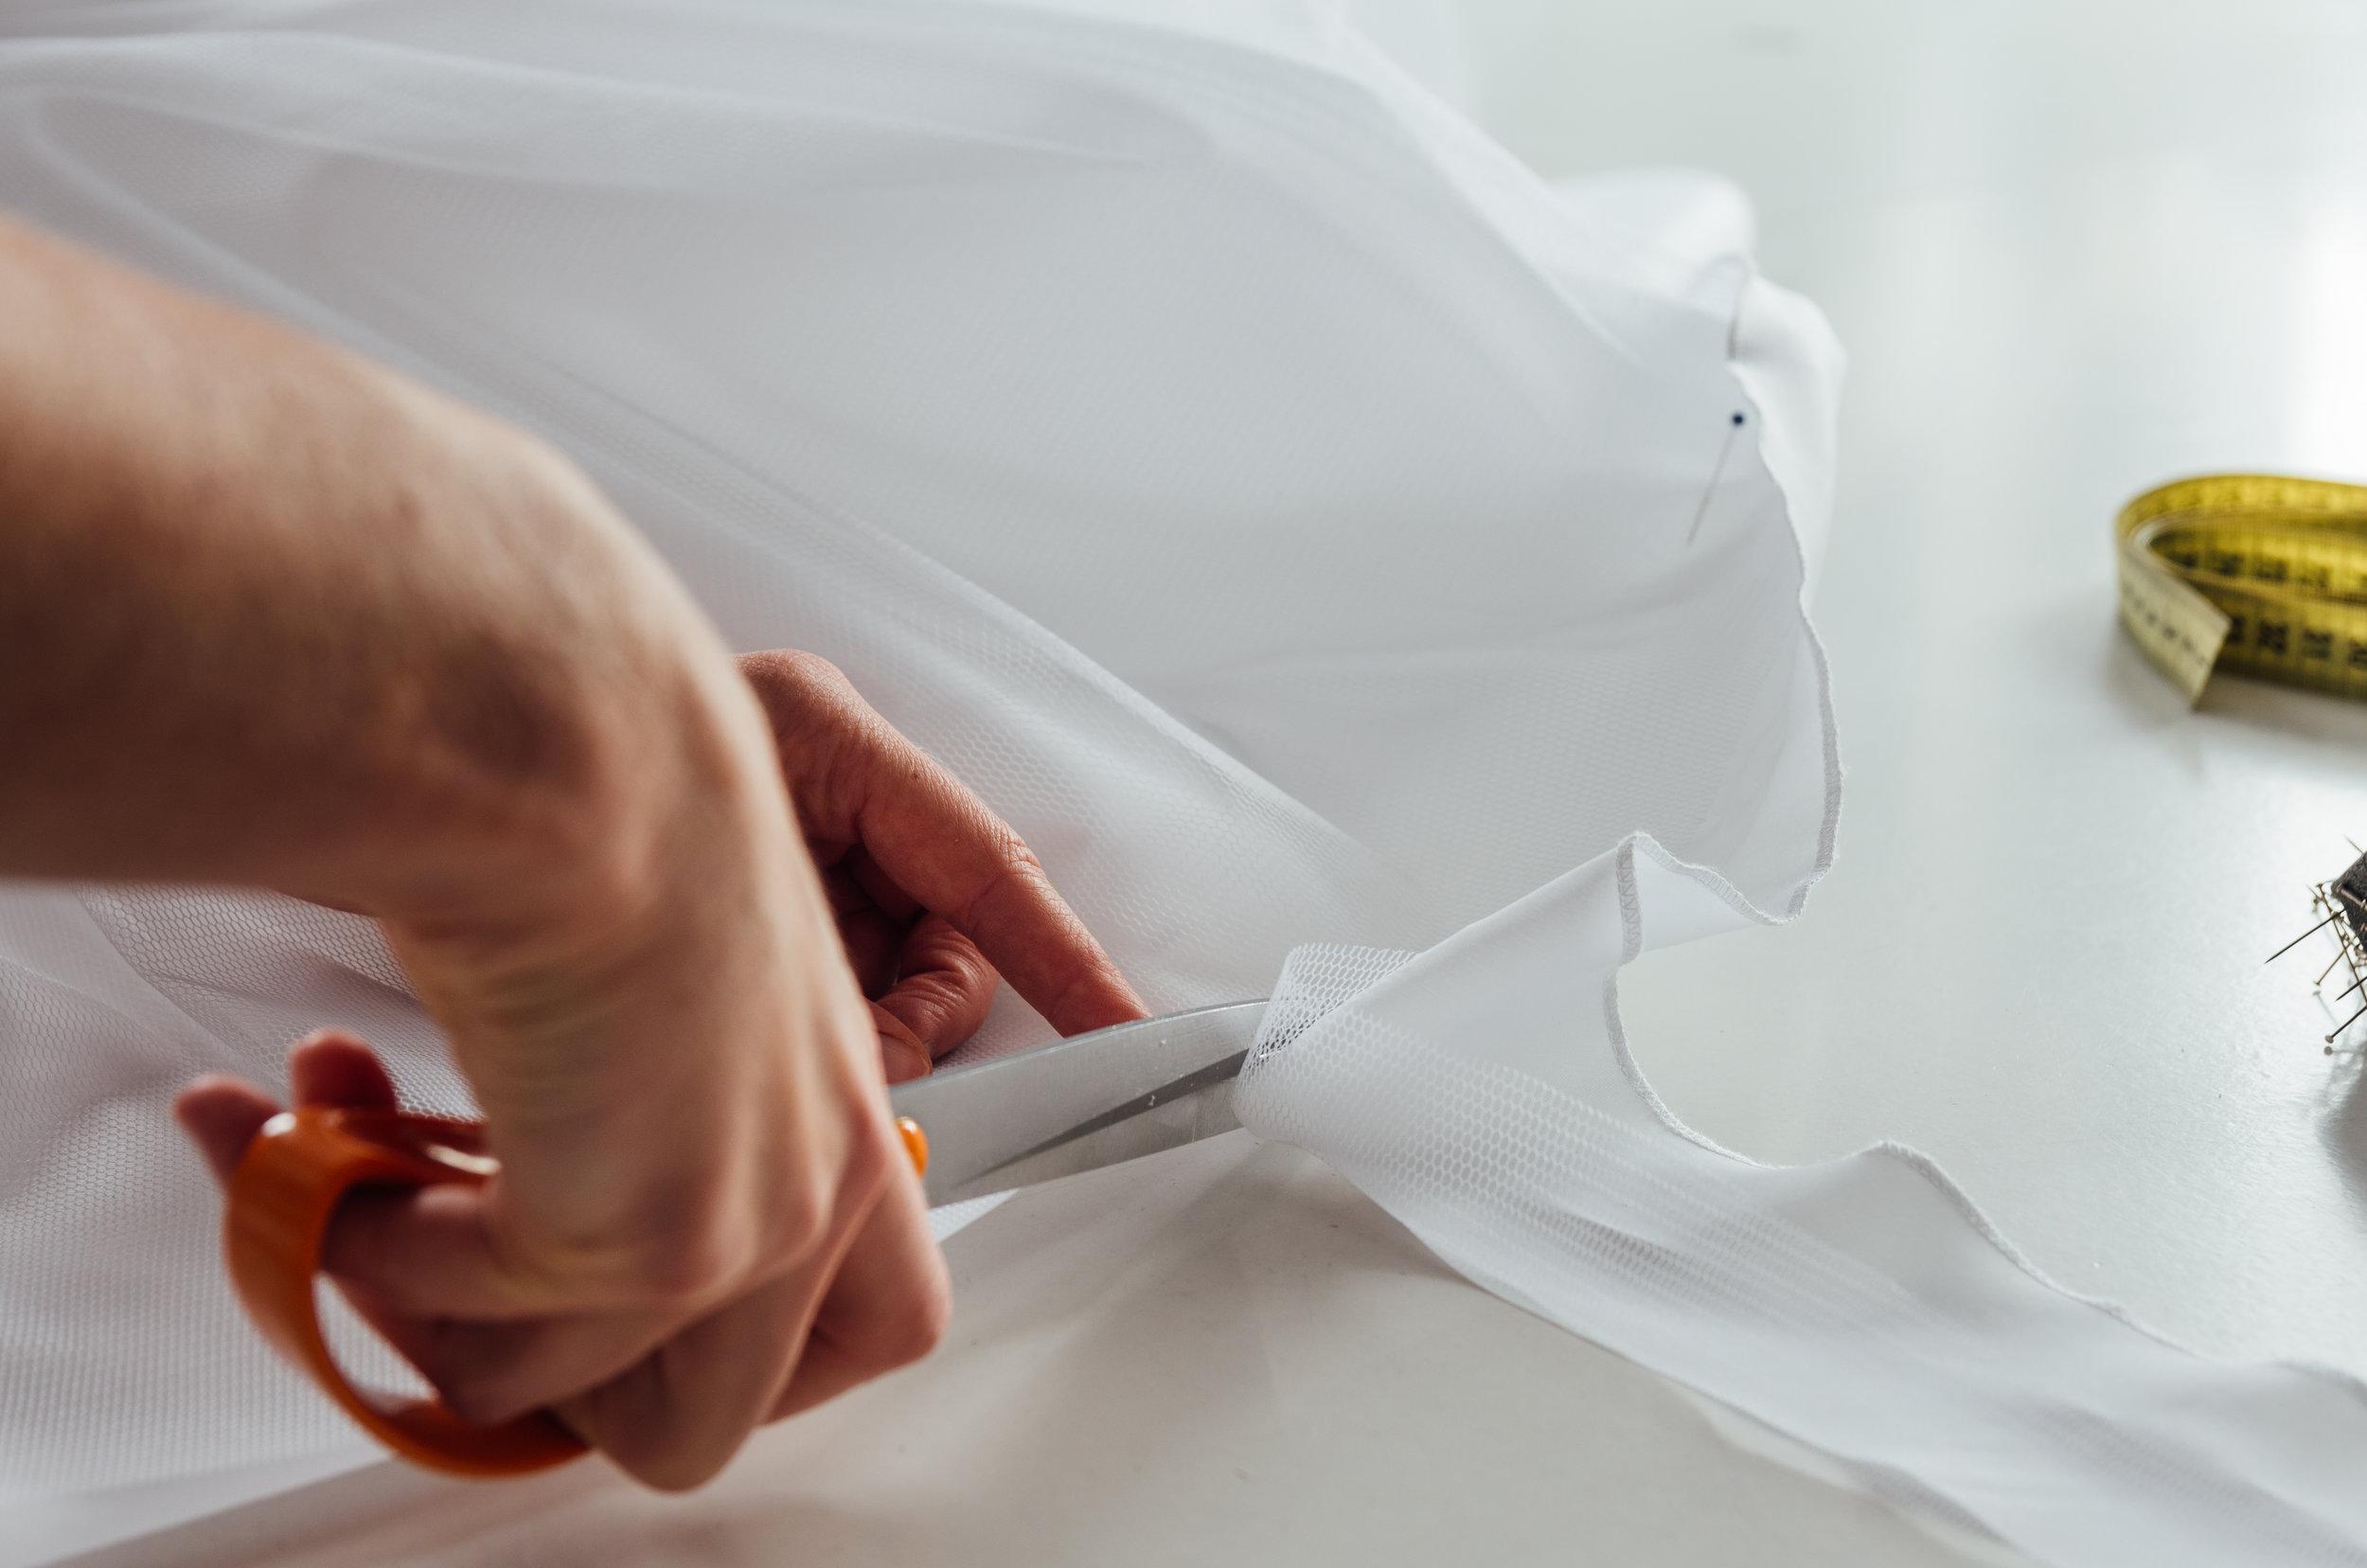 WEDDING-GOWN-DRESS-ALTERATIONS-shutterstock_316464353.jpg